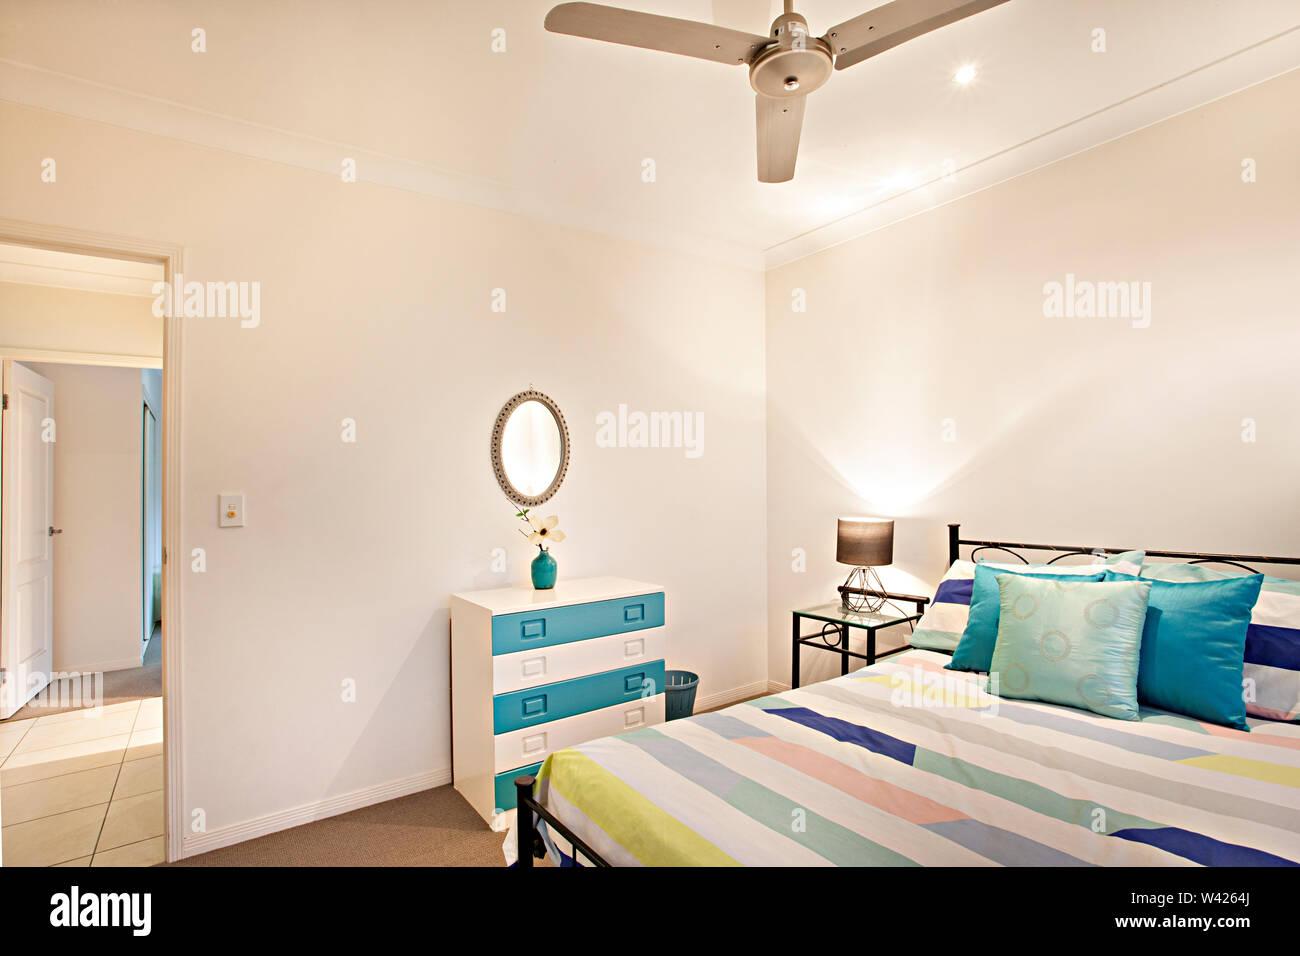 Foglio di letto con disegni sul letto e vaso vicino a specchio, letto confortevole con disegni, le pareti sono di colore bianco e i cuscini sono belli, all'interno di una sala a parte Immagini Stock